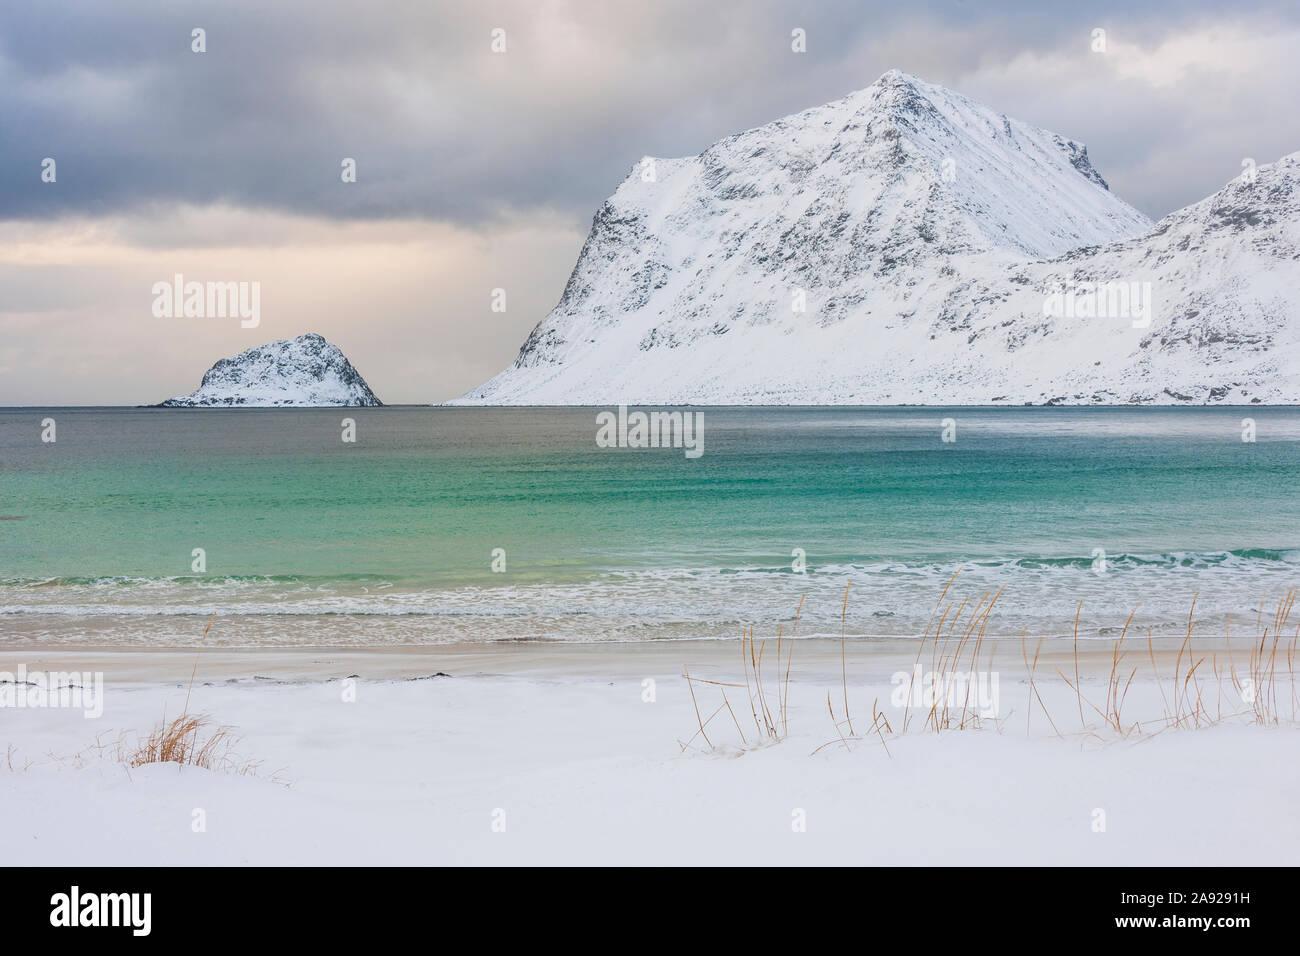 Coast at winter Stock Photo